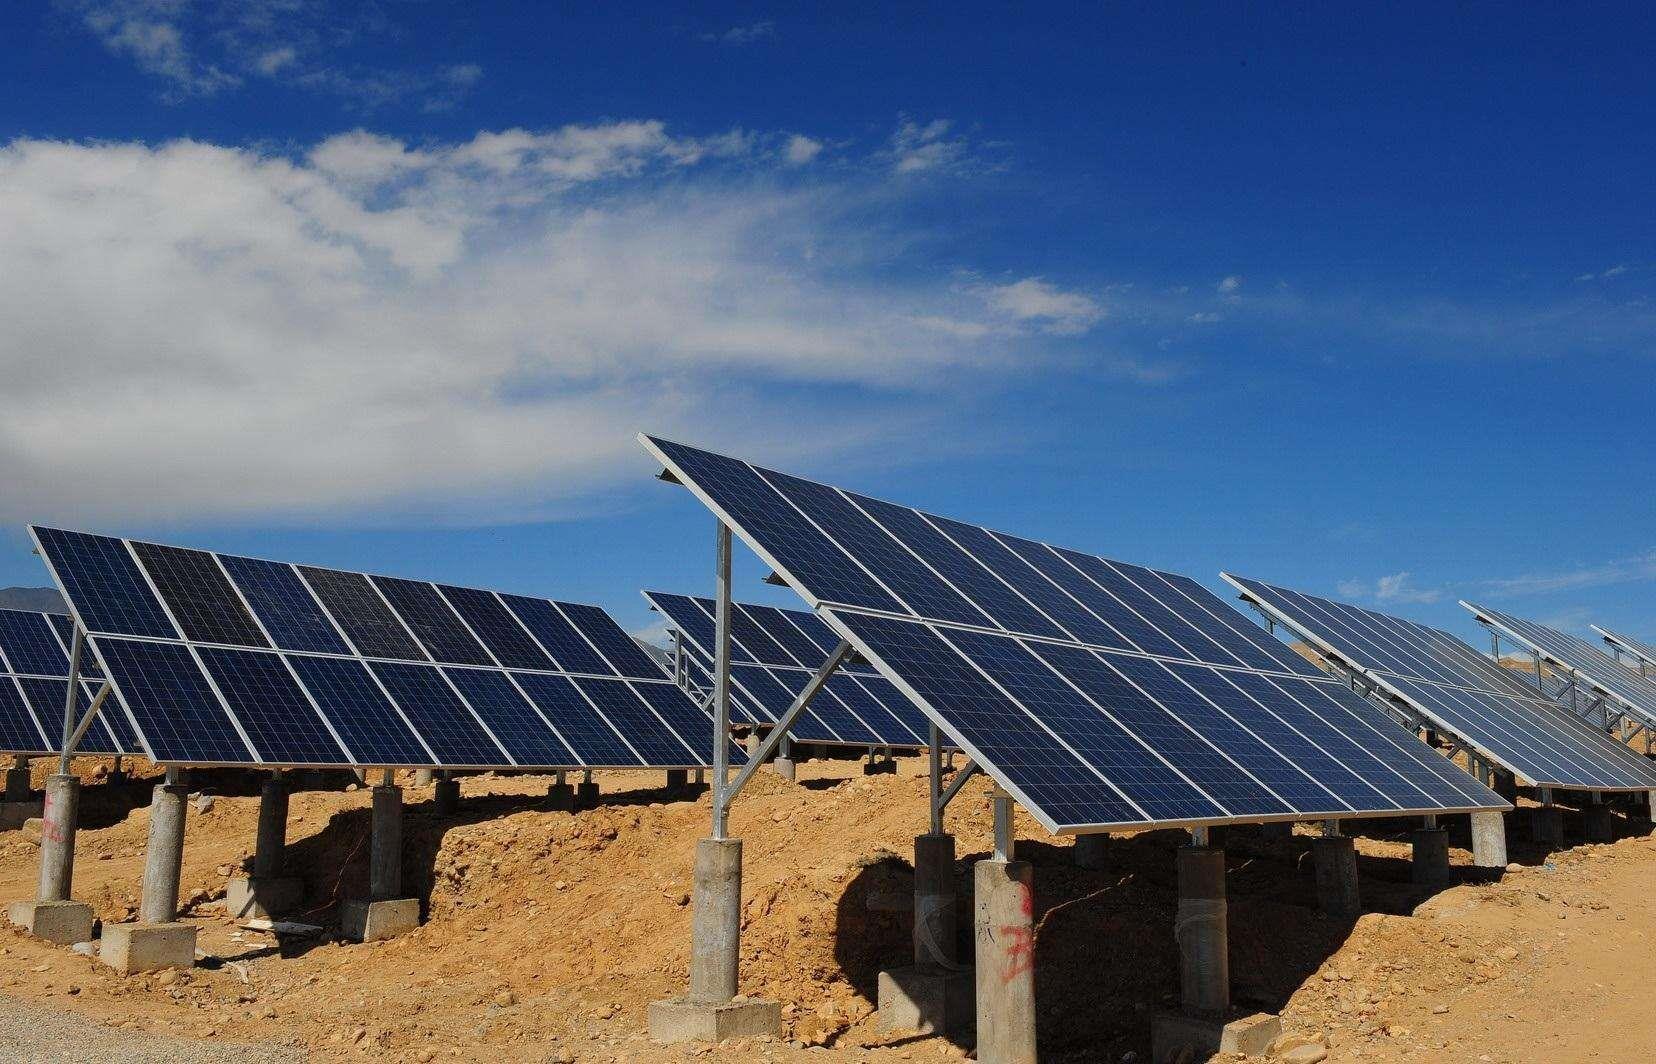 济南商河县建成光伏扶贫电站153处 累计发电913.7万千瓦时